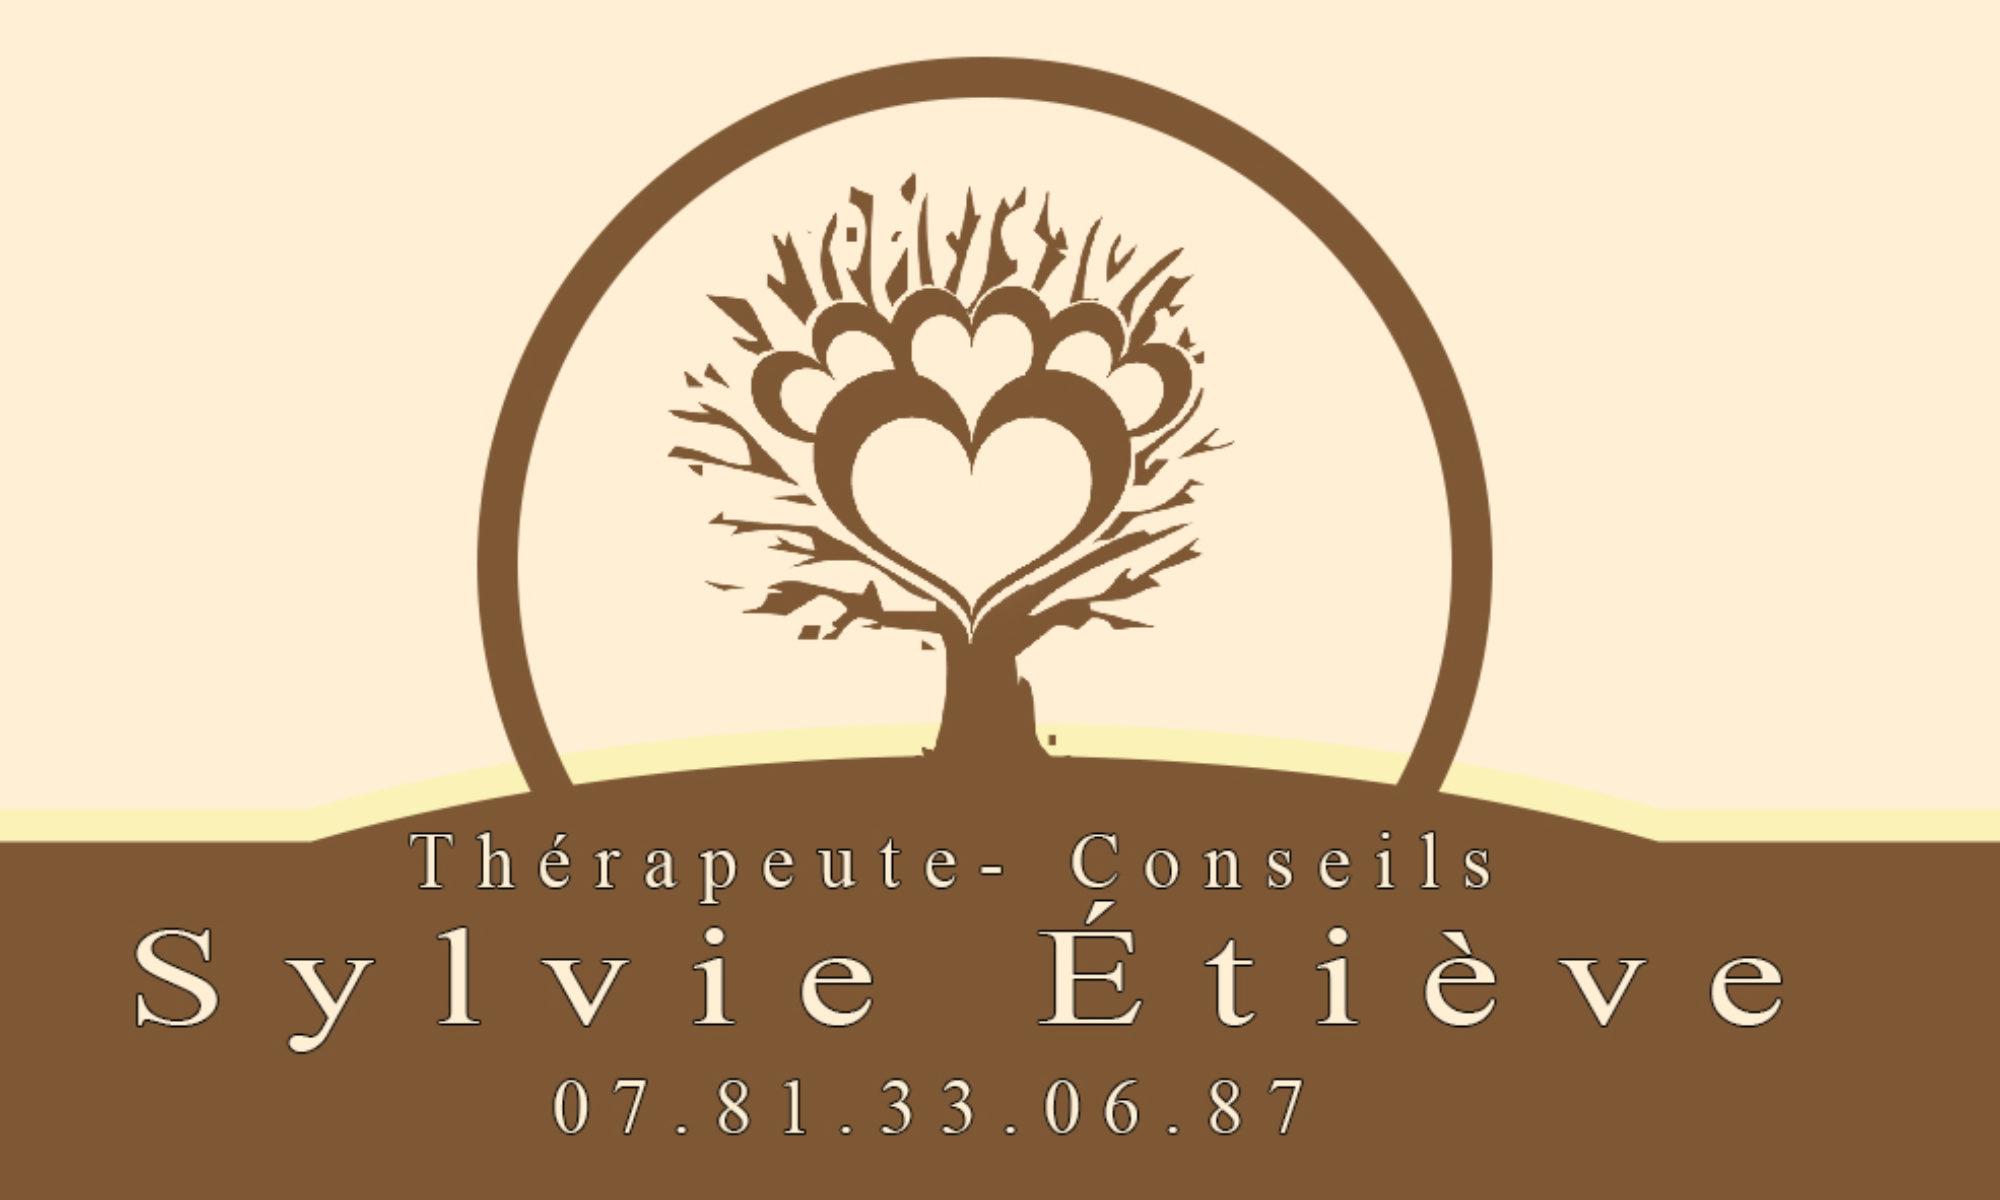 Sylvie Etiève